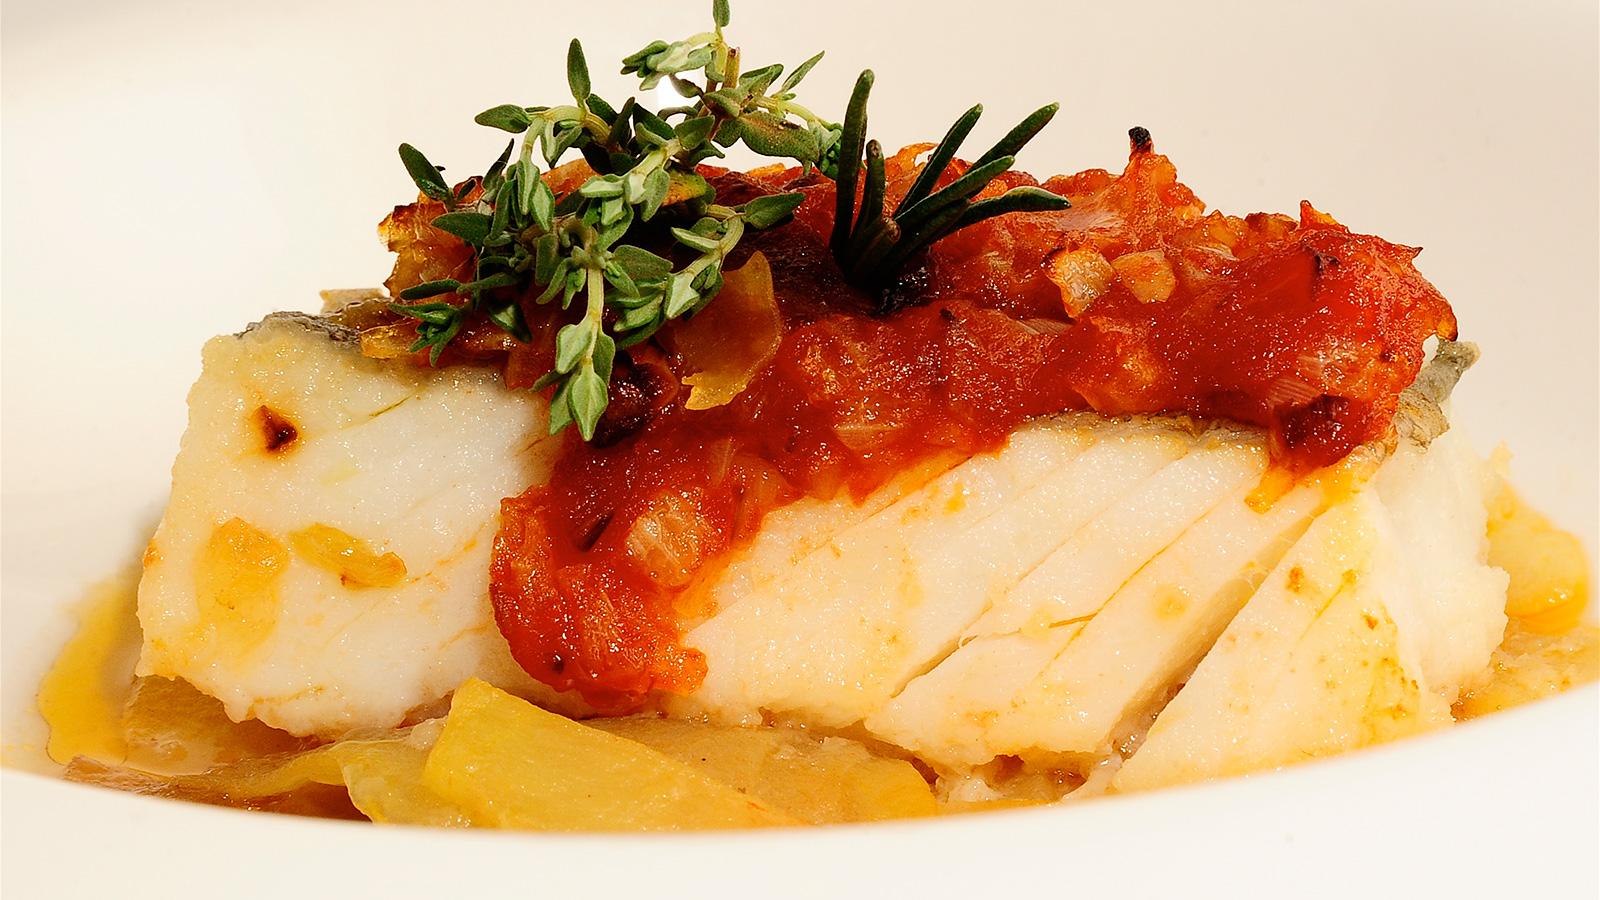 Bacalao al horno sergio fern ndez receta canal cocina - Cocinar bacalao congelado ...